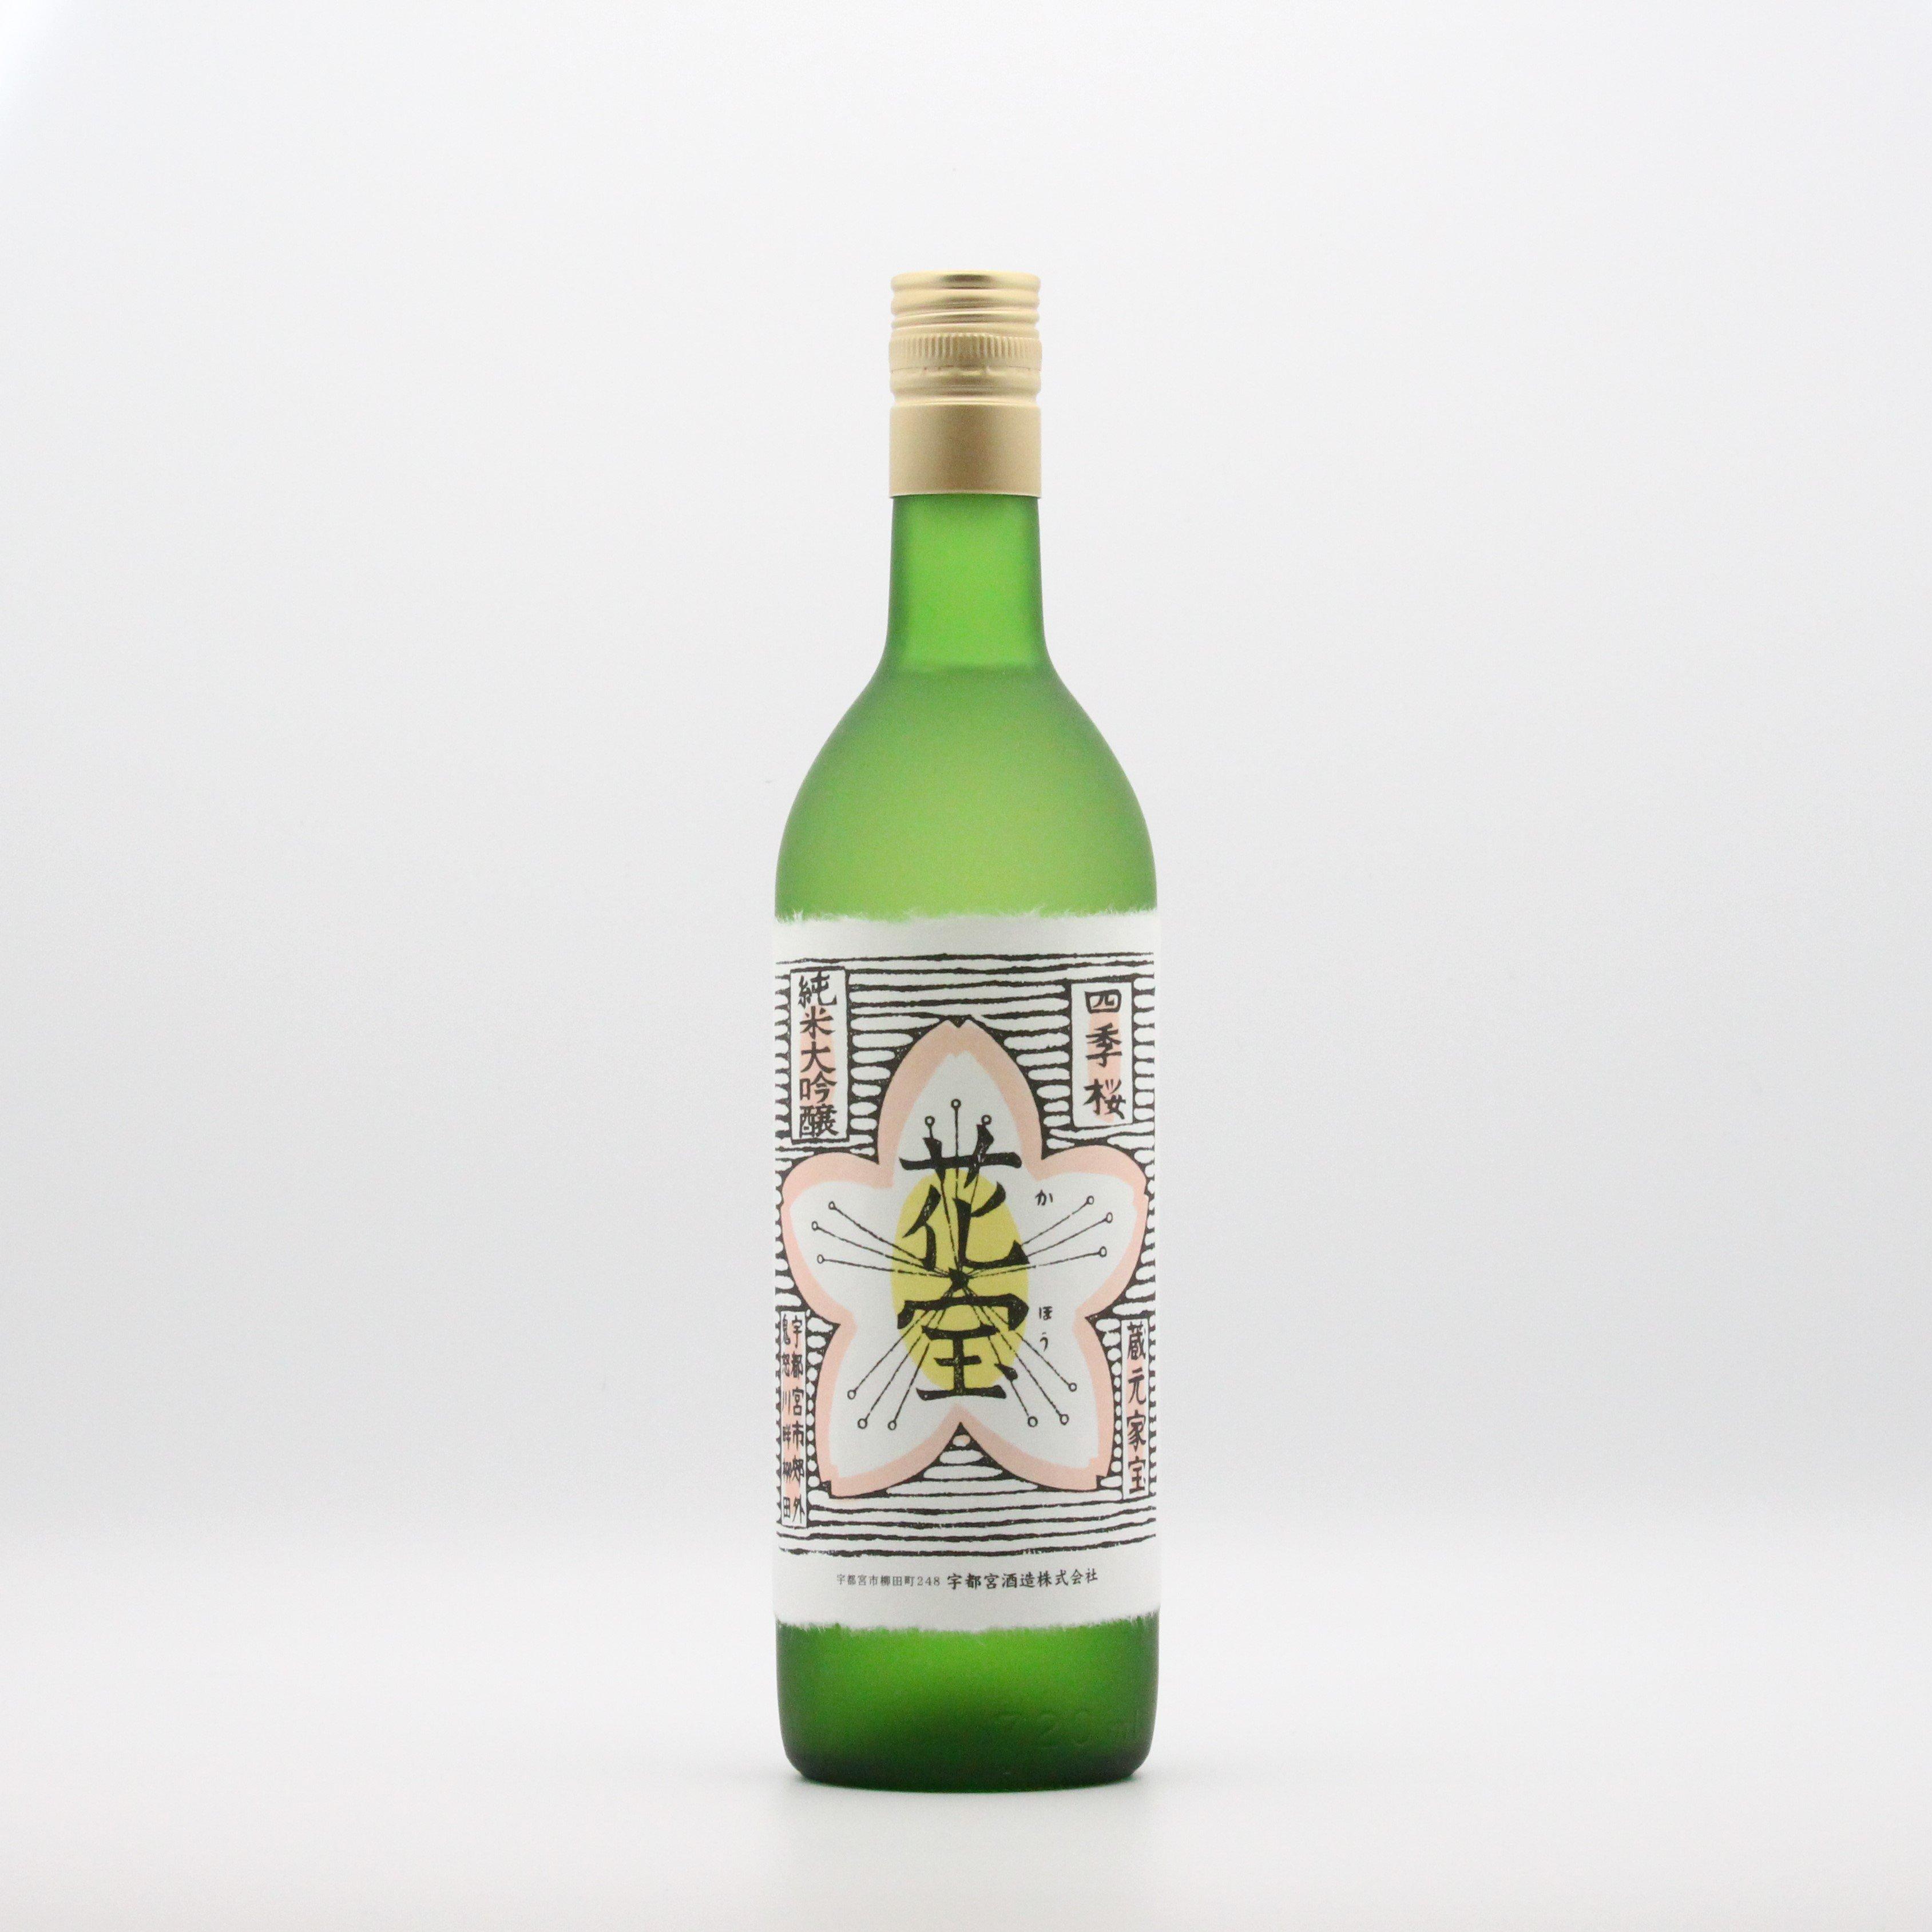 宇都宮酒造/花宝(純米大吟醸酒) 720ml